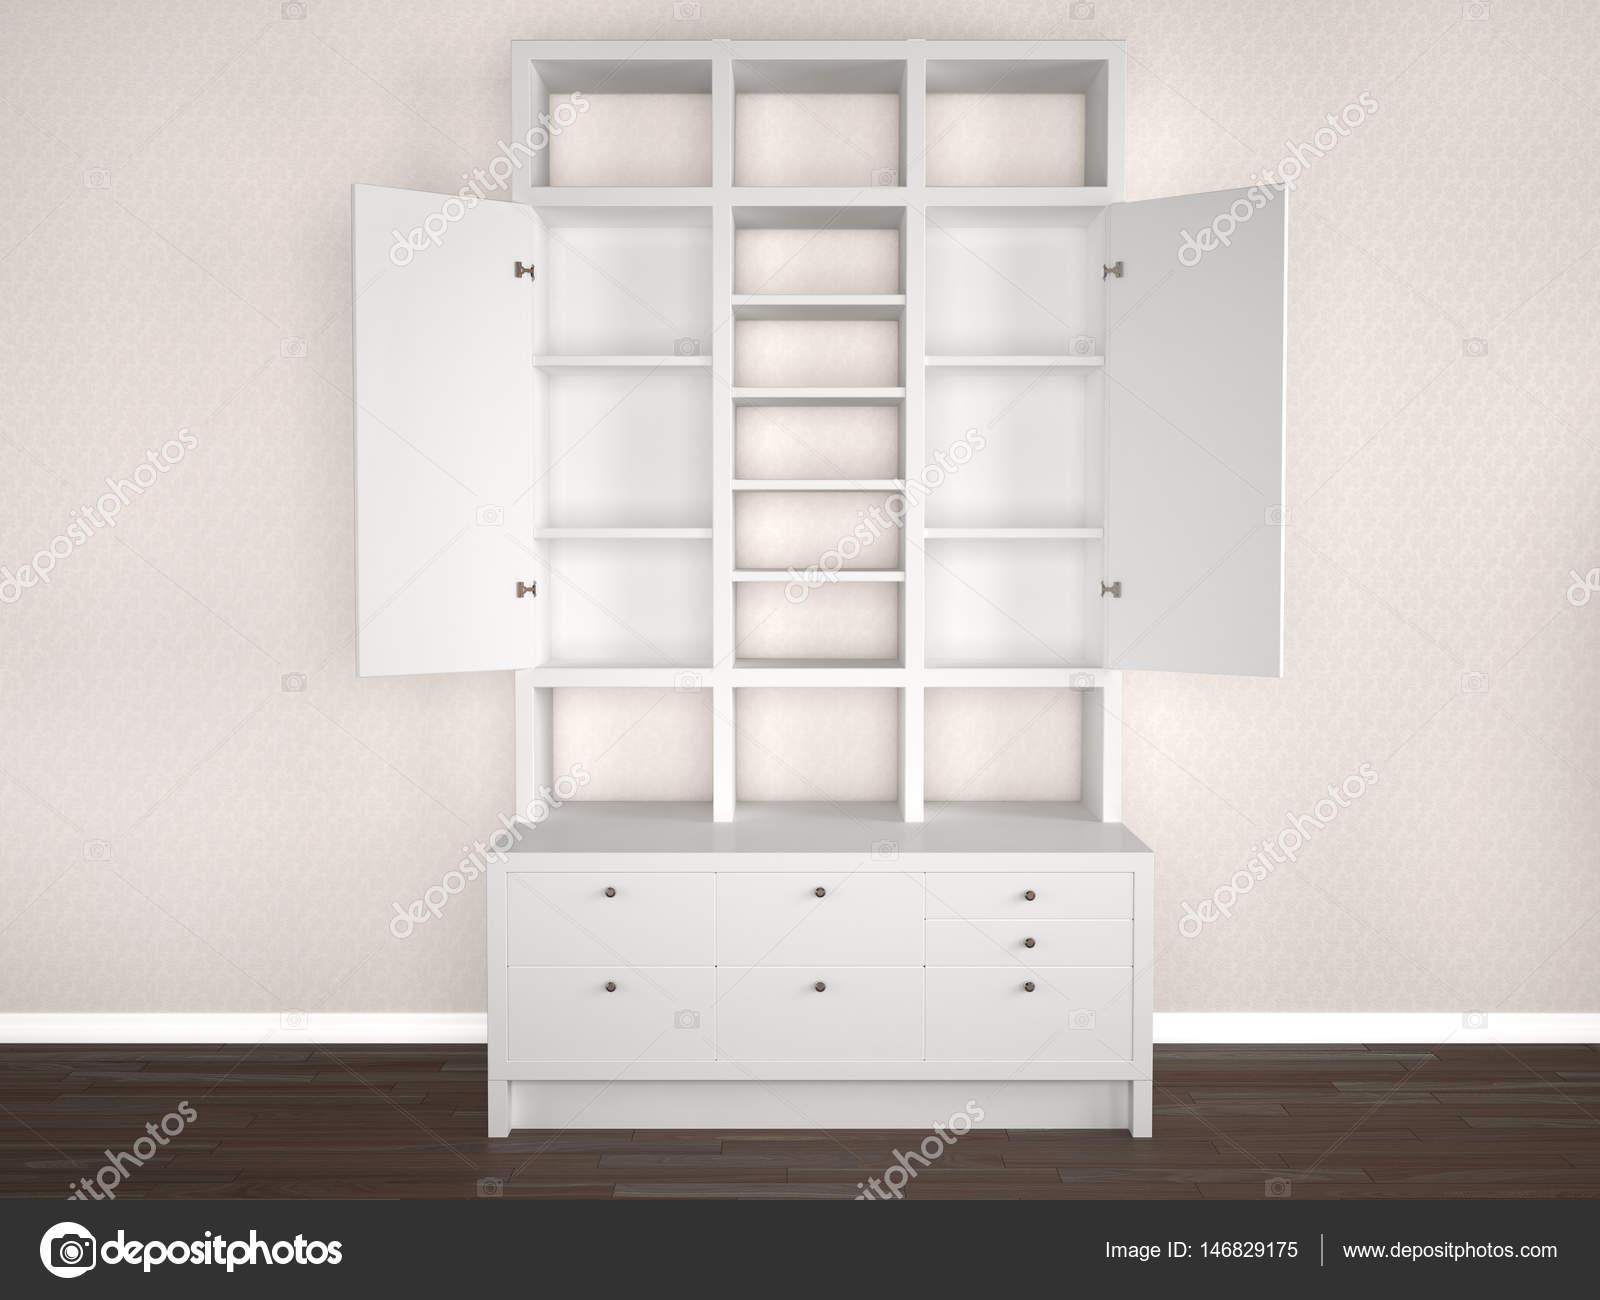 Slaapkamer In Kast : Wit slaapkamer kast met open deuren. 3d illustratie u2014 stockfoto